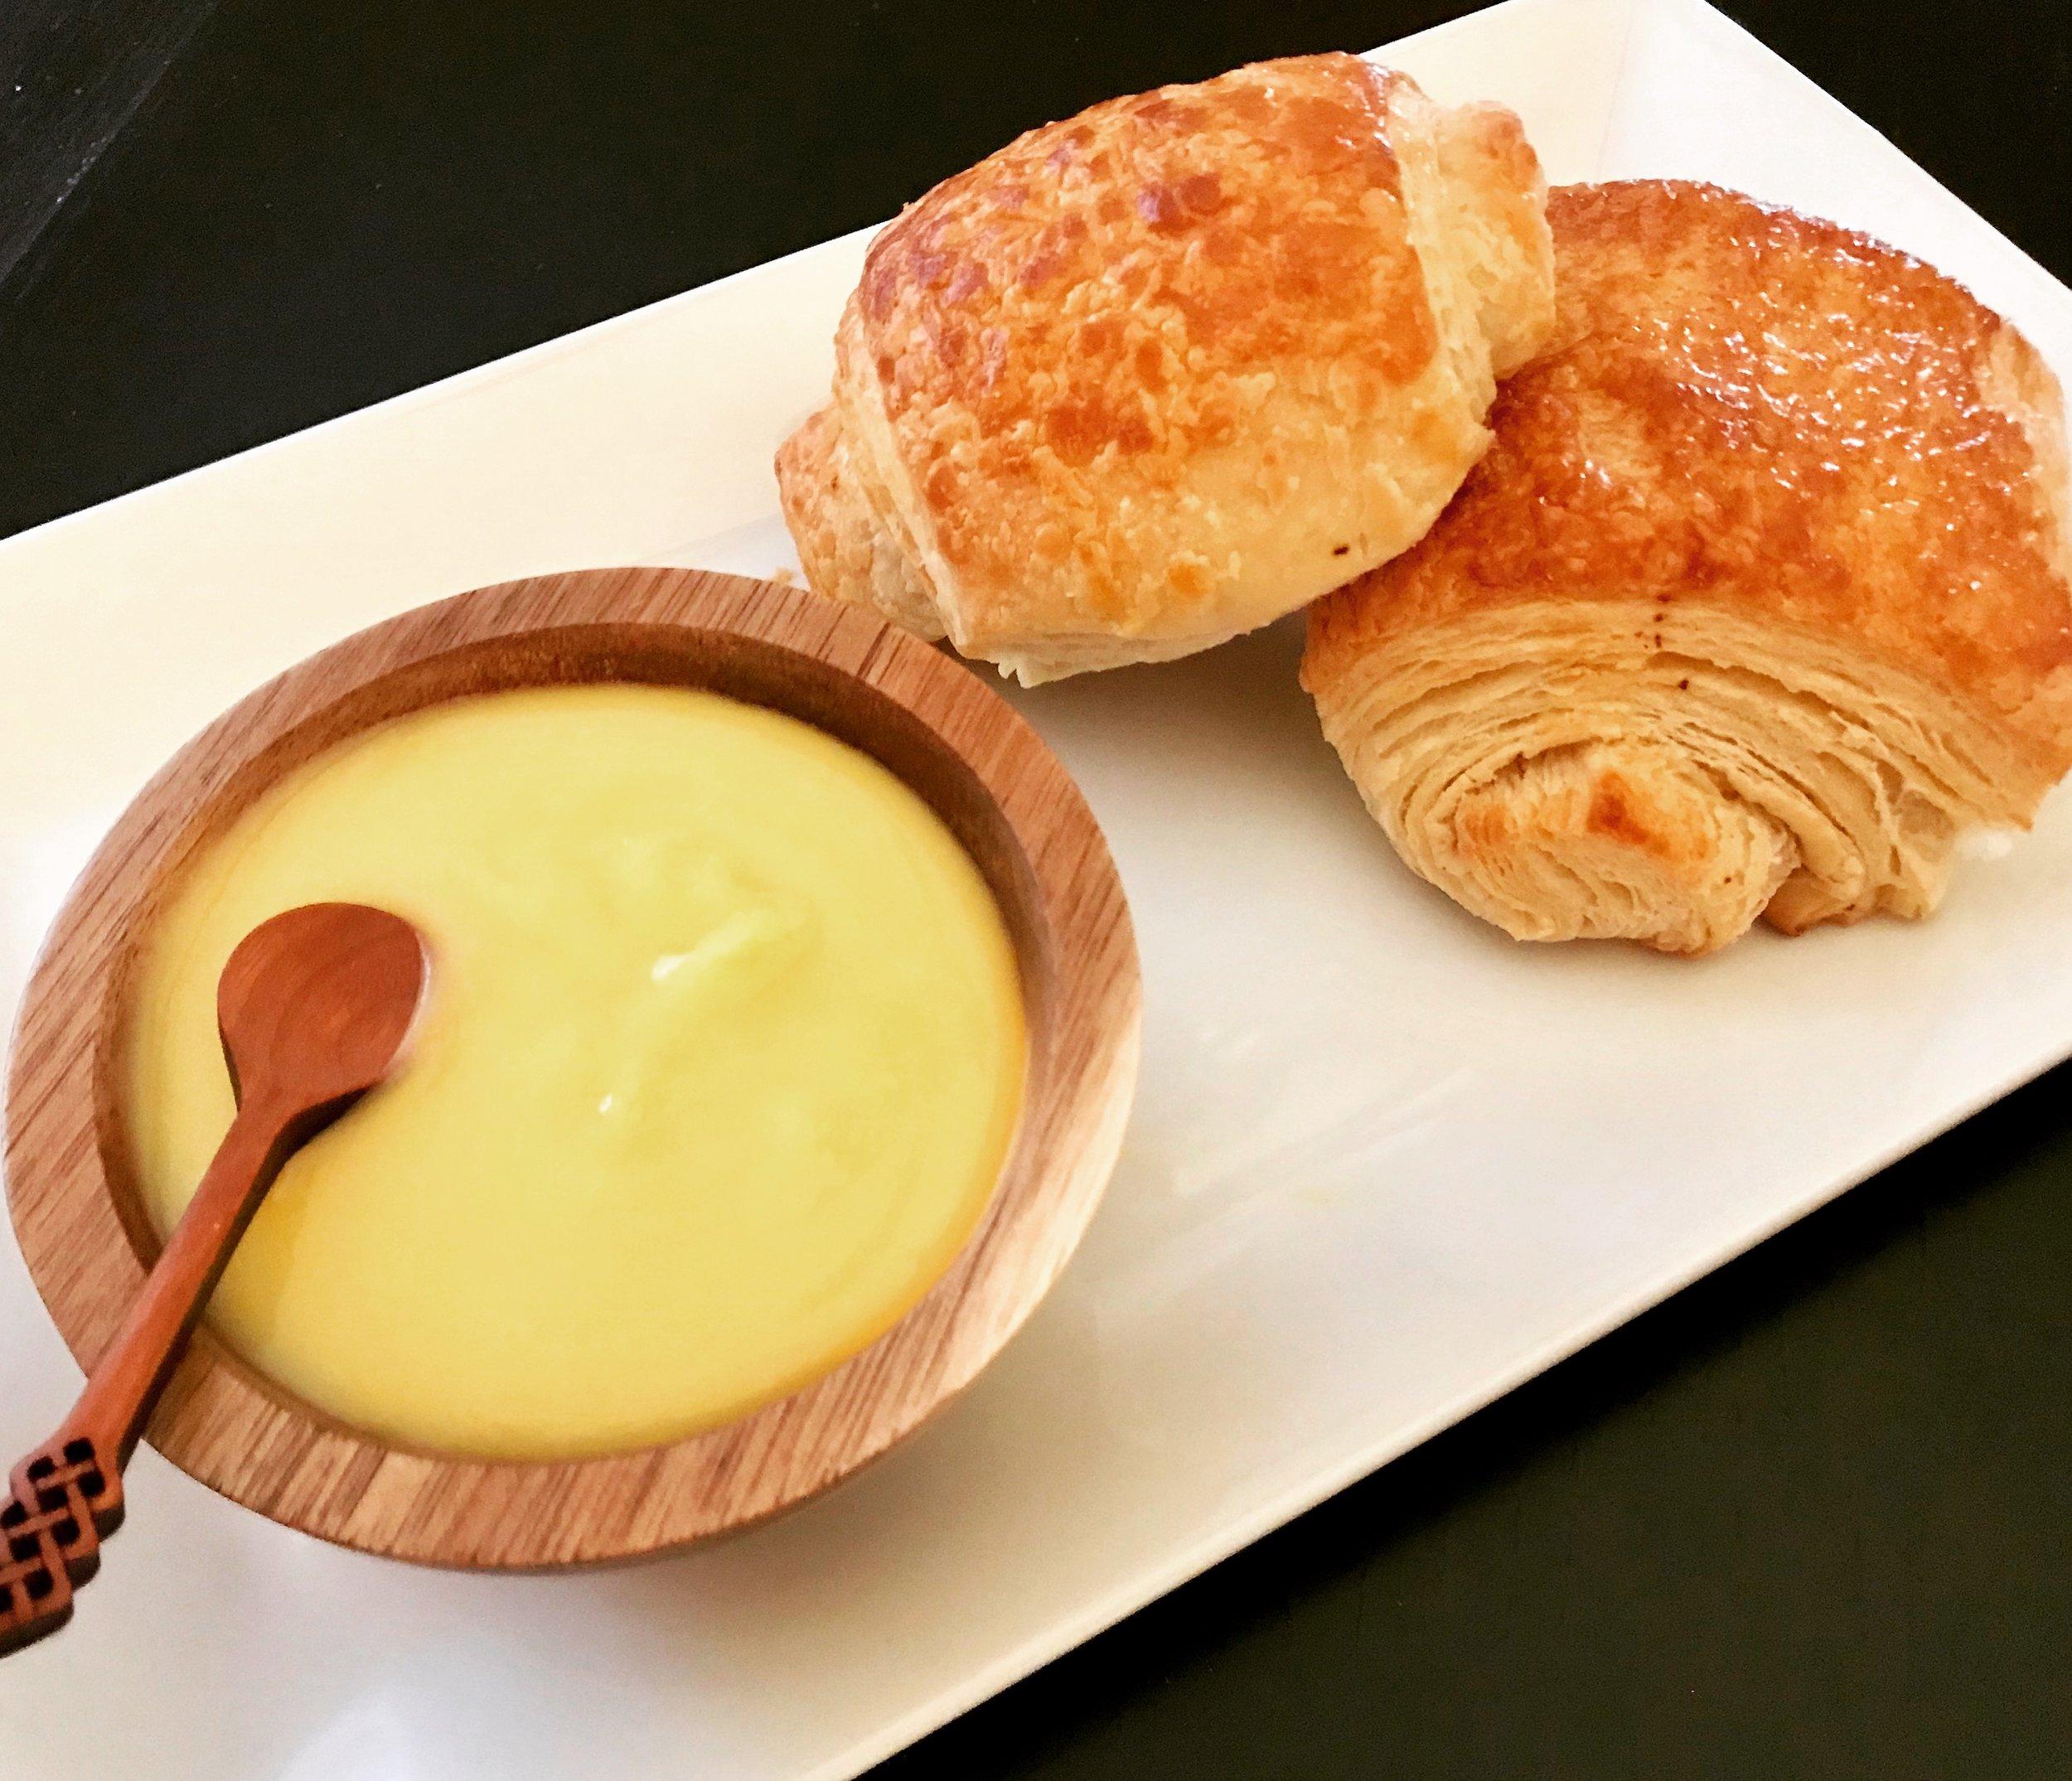 Lemon Curd with Croissants